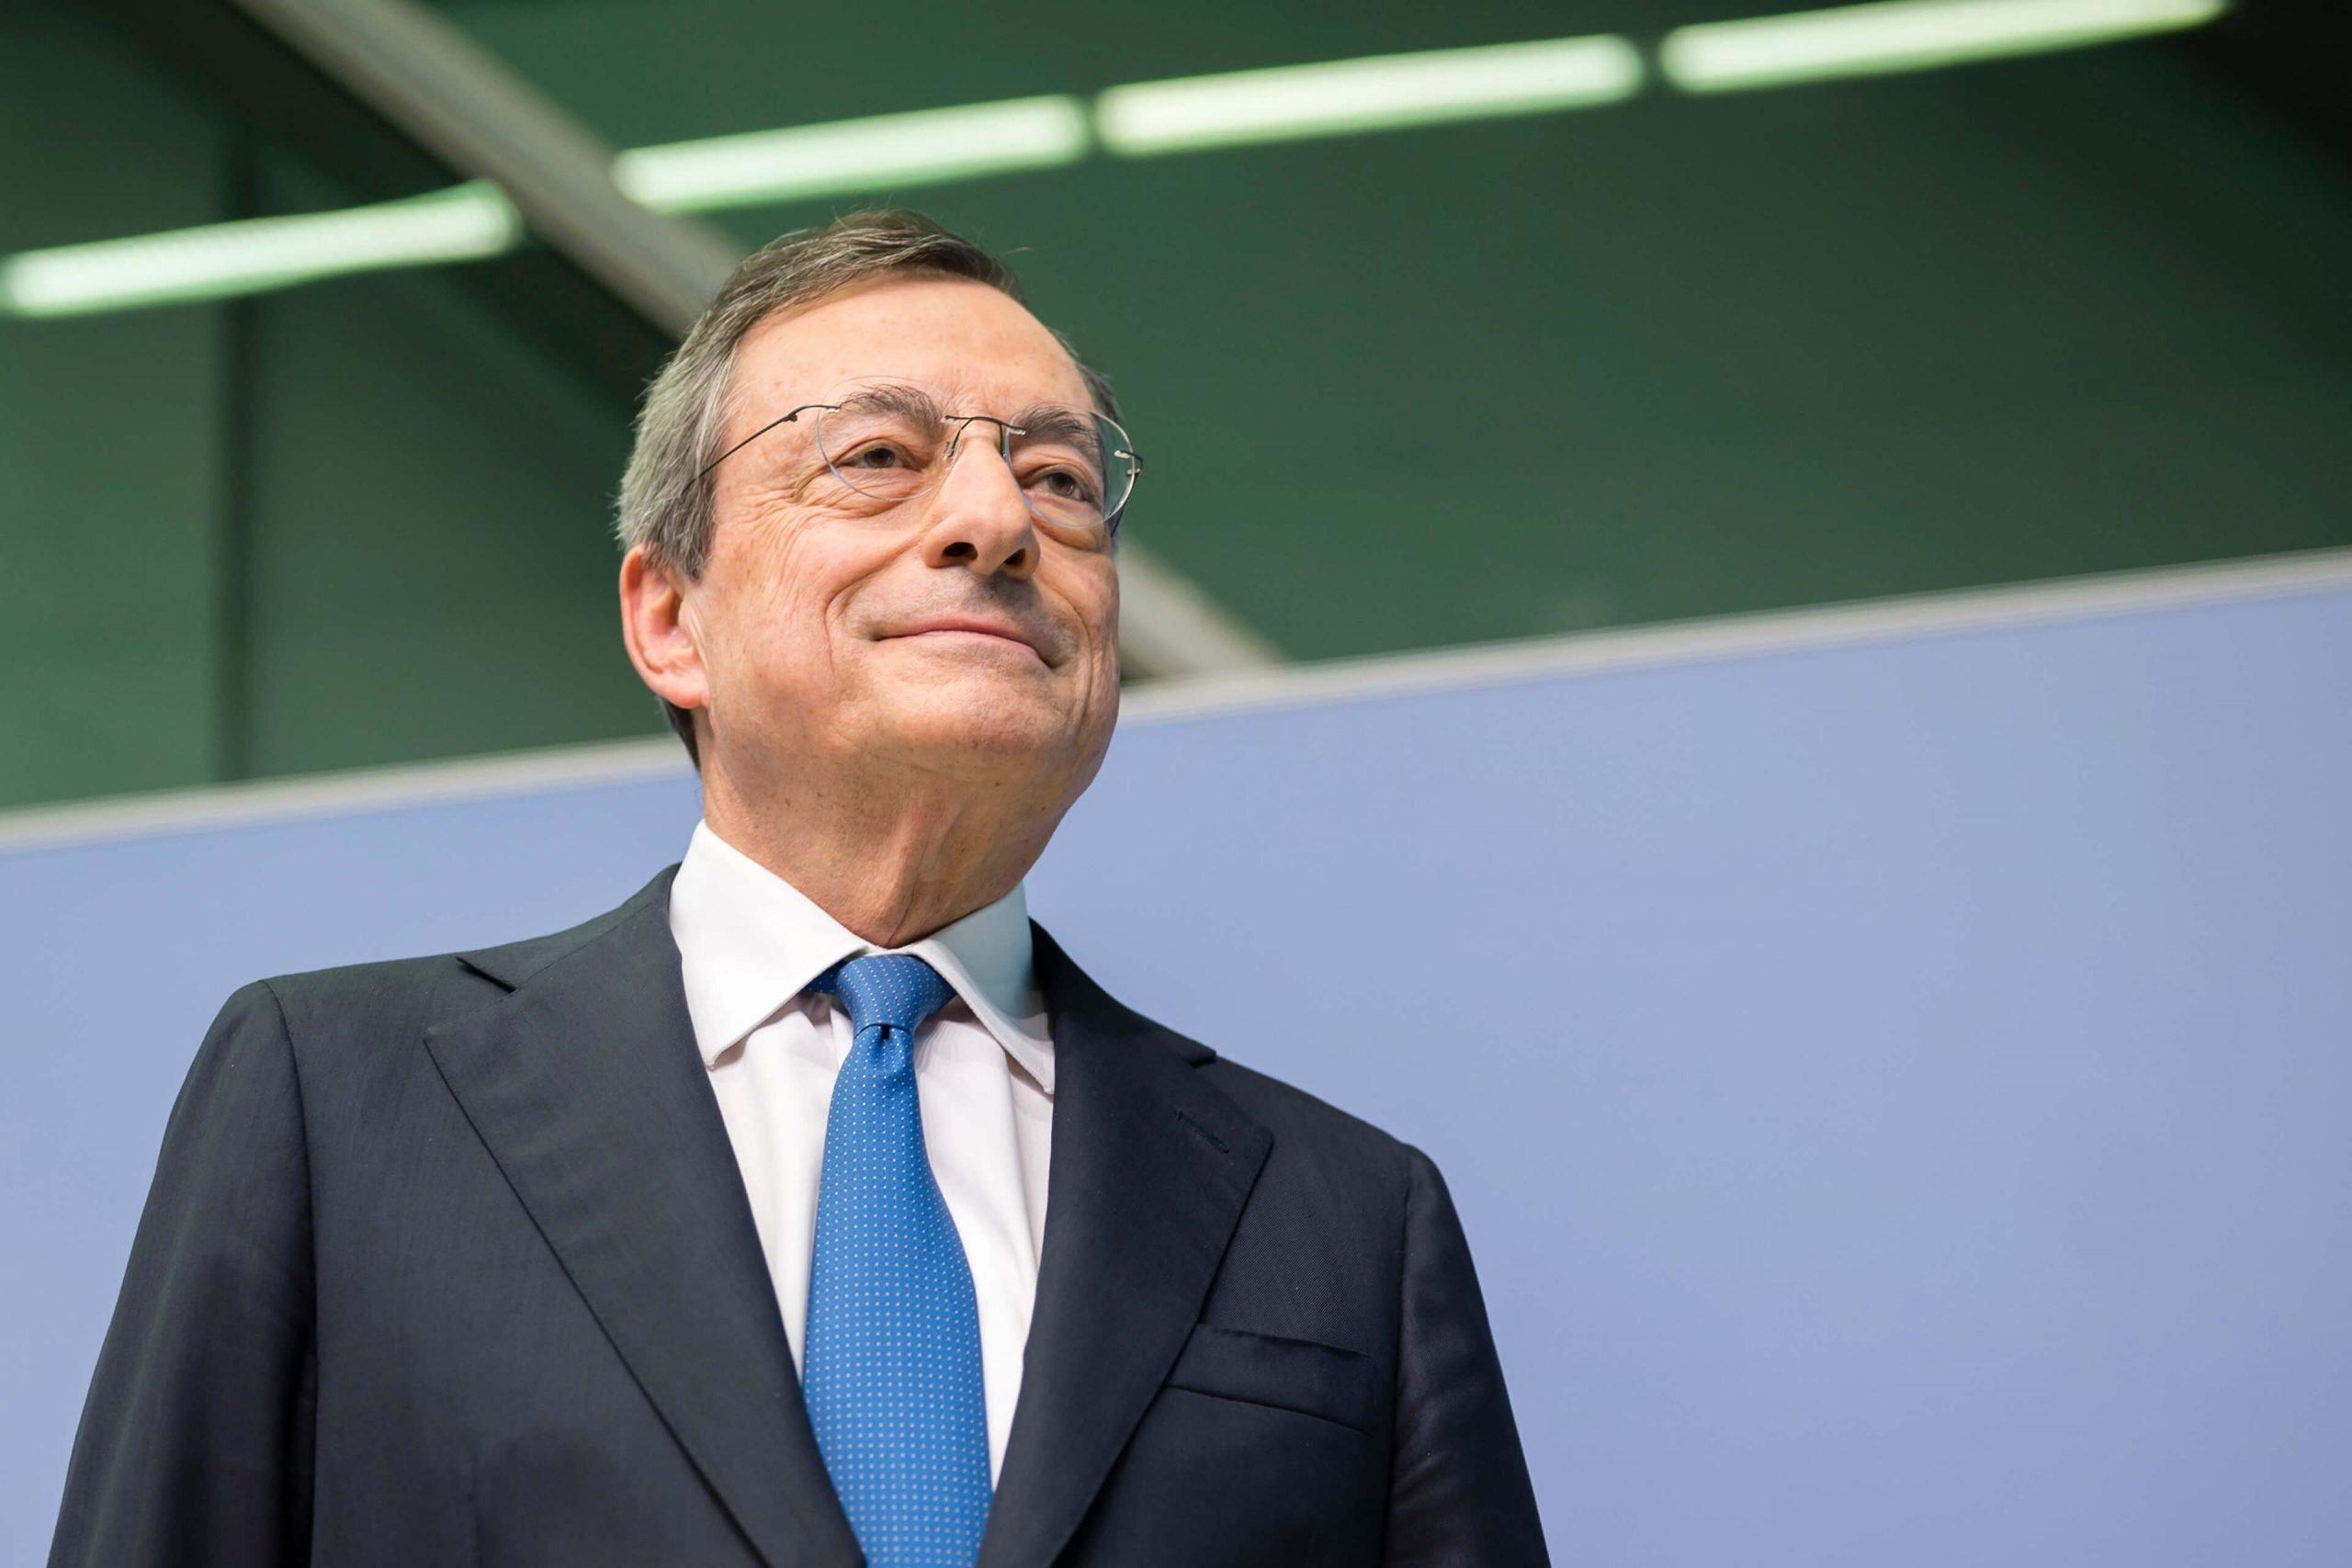 Draghi sigla una Direttiva per declassificare i documenti Gladio e Loggia P2